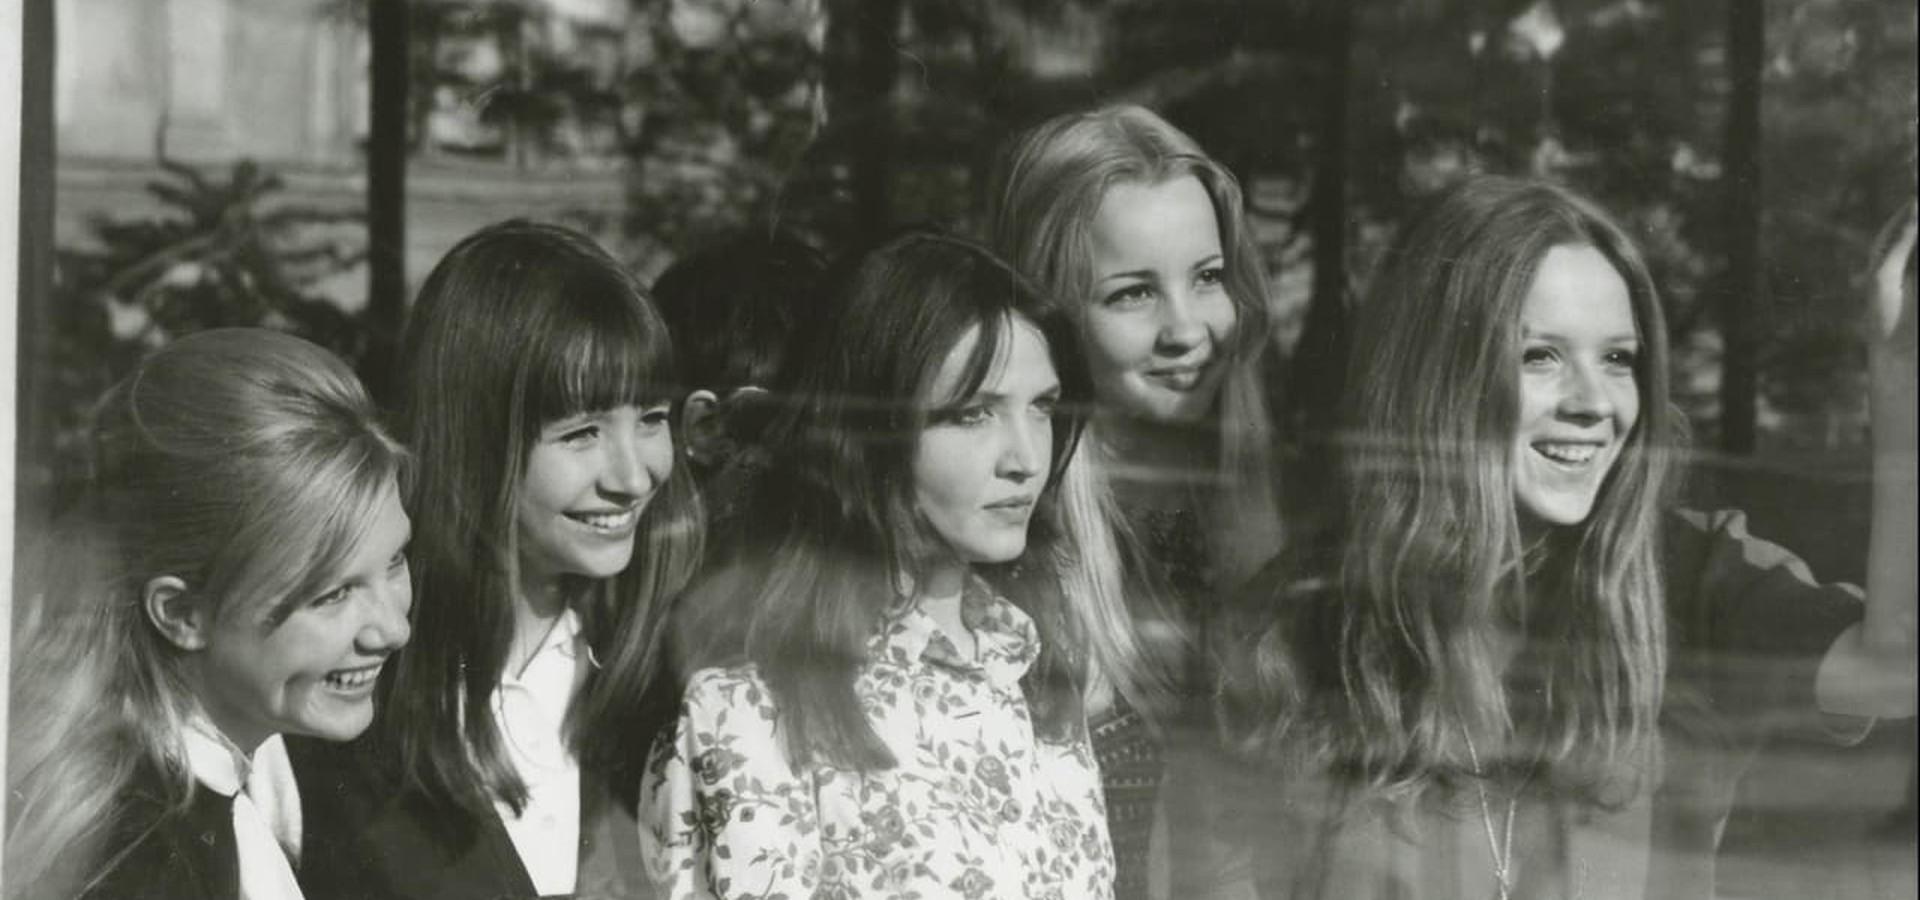 Szép lányok, ne sírjatok!